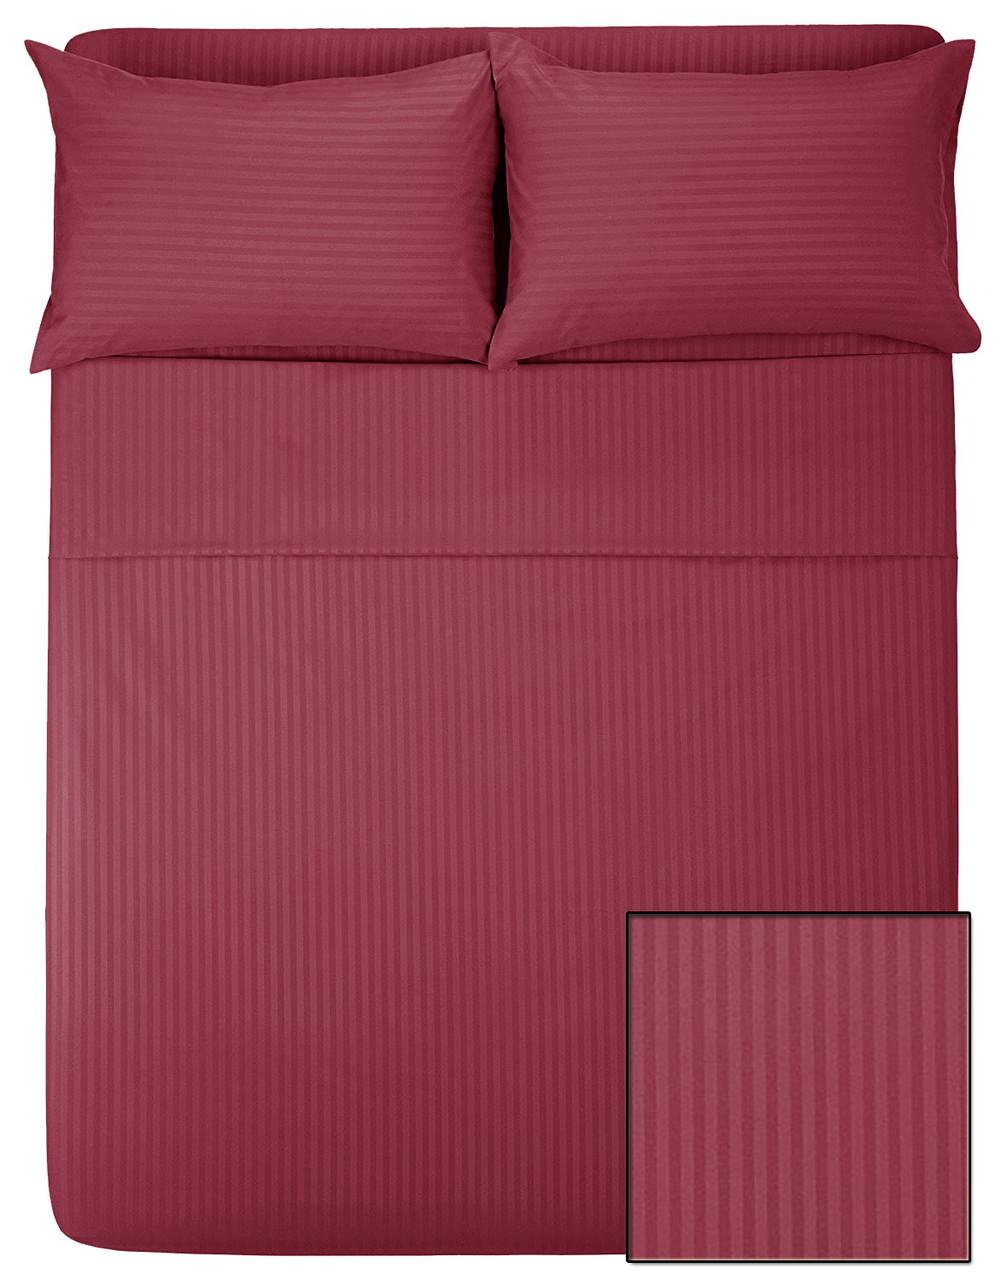 Комплекты постельного HOTEL САТИН-СТРАЙП (бордо, 100% хлопок)